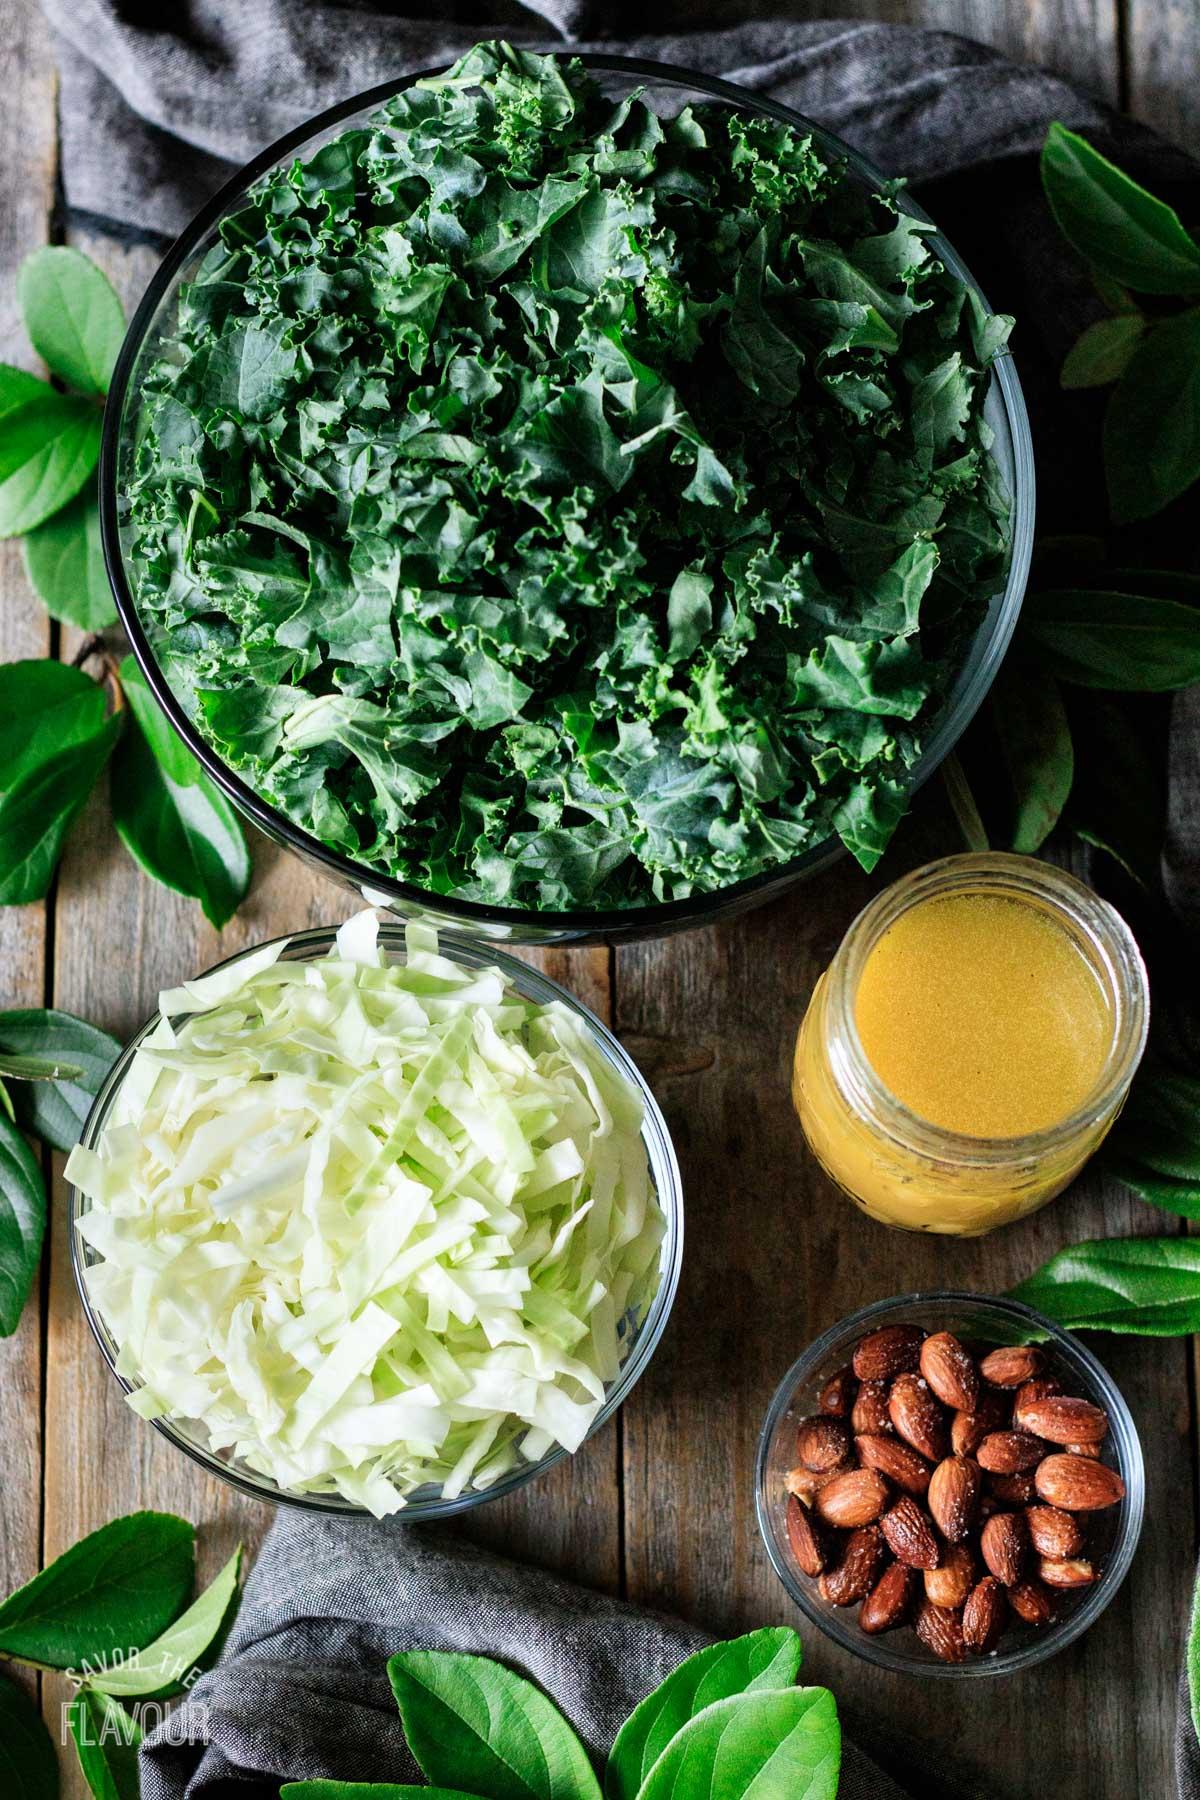 bowls of ingredients for kale crunch salad